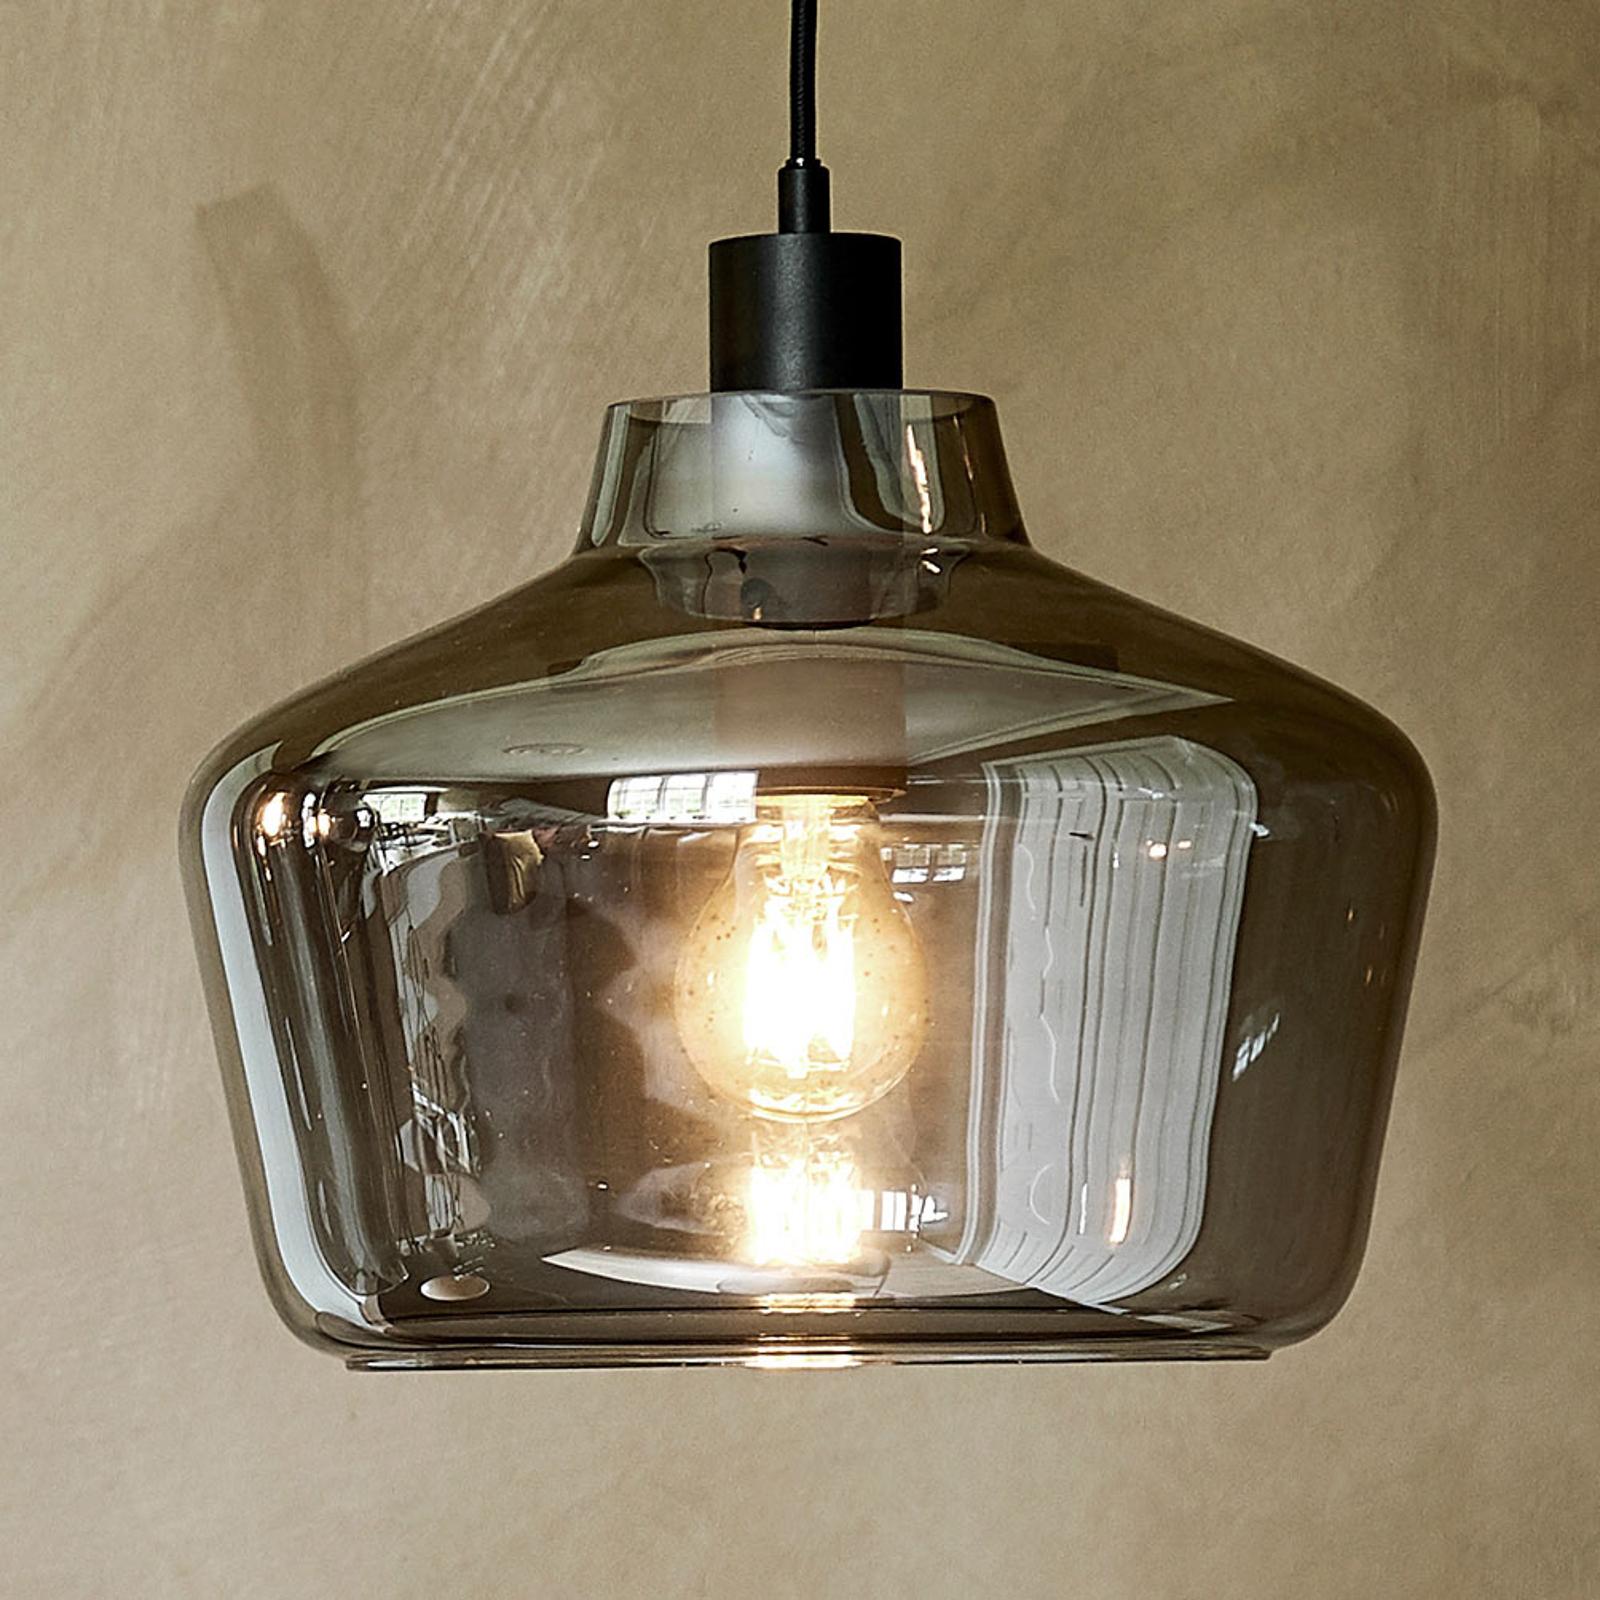 FRANDSEN Kyoto glashængelampe, Ø 30 cm